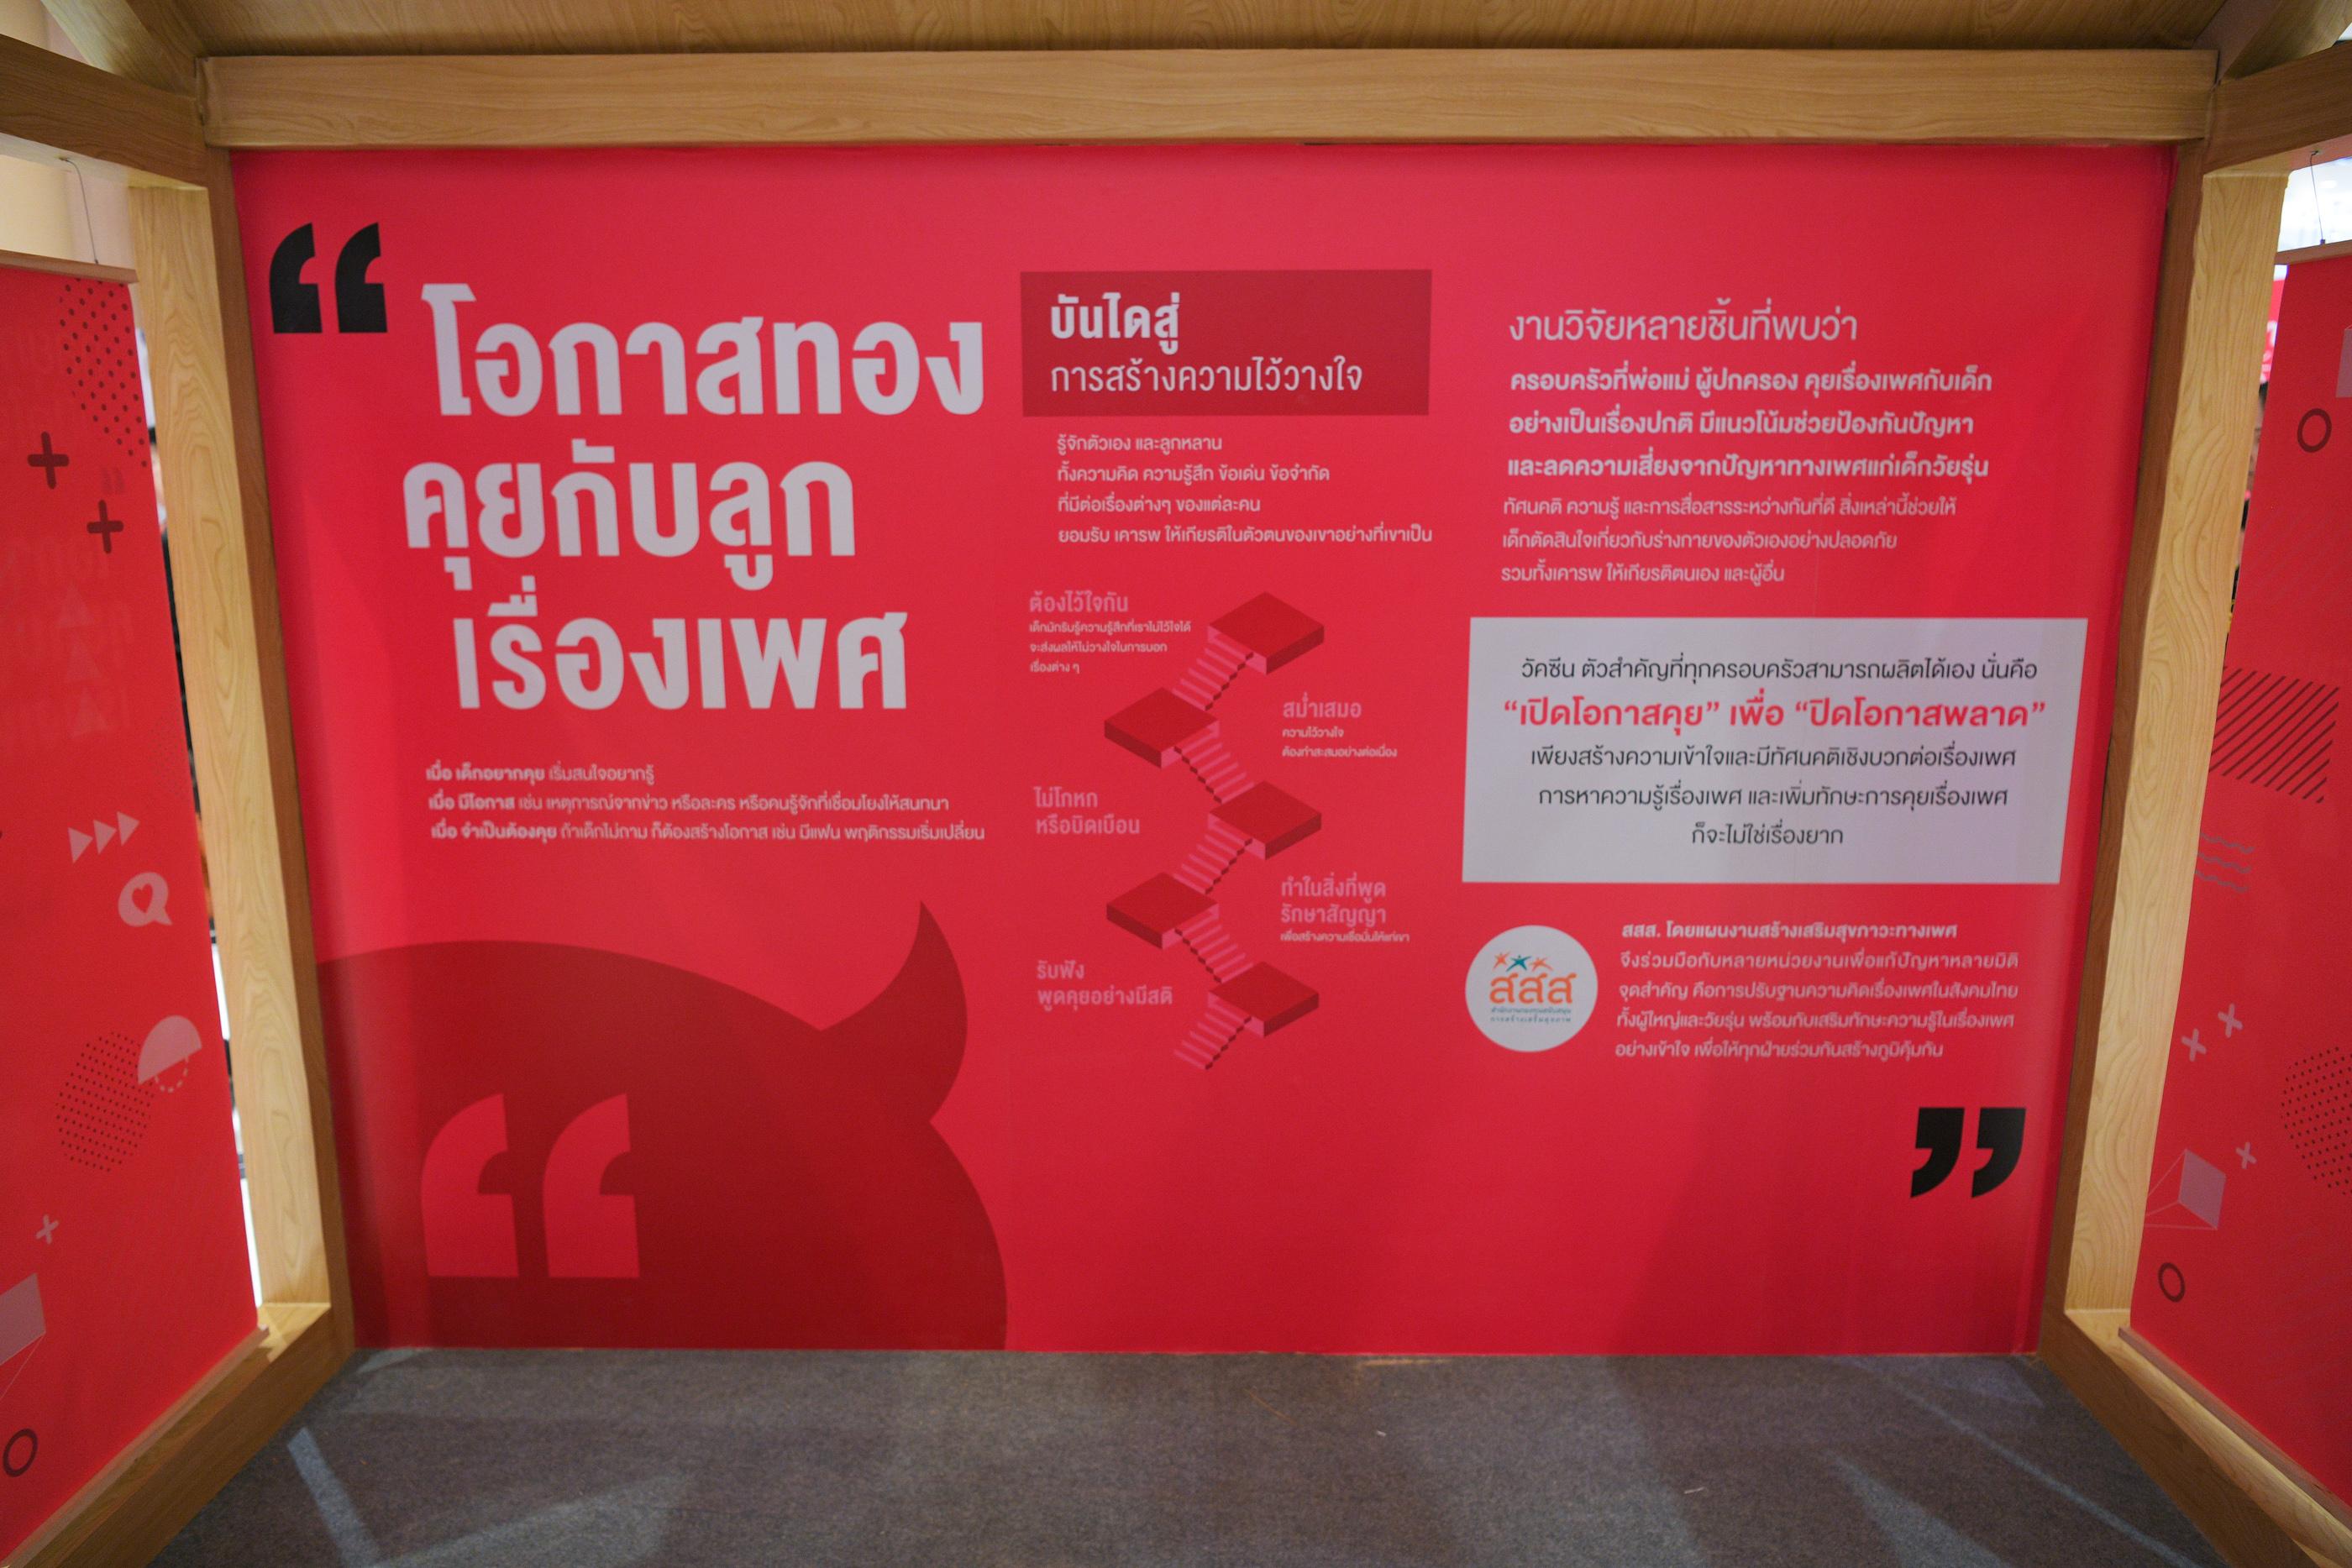 ทักษะชีวิต-สุขภาวะทางเพศ 'จำเป็น' ต่อวัยรุ่นไทย thaihealth